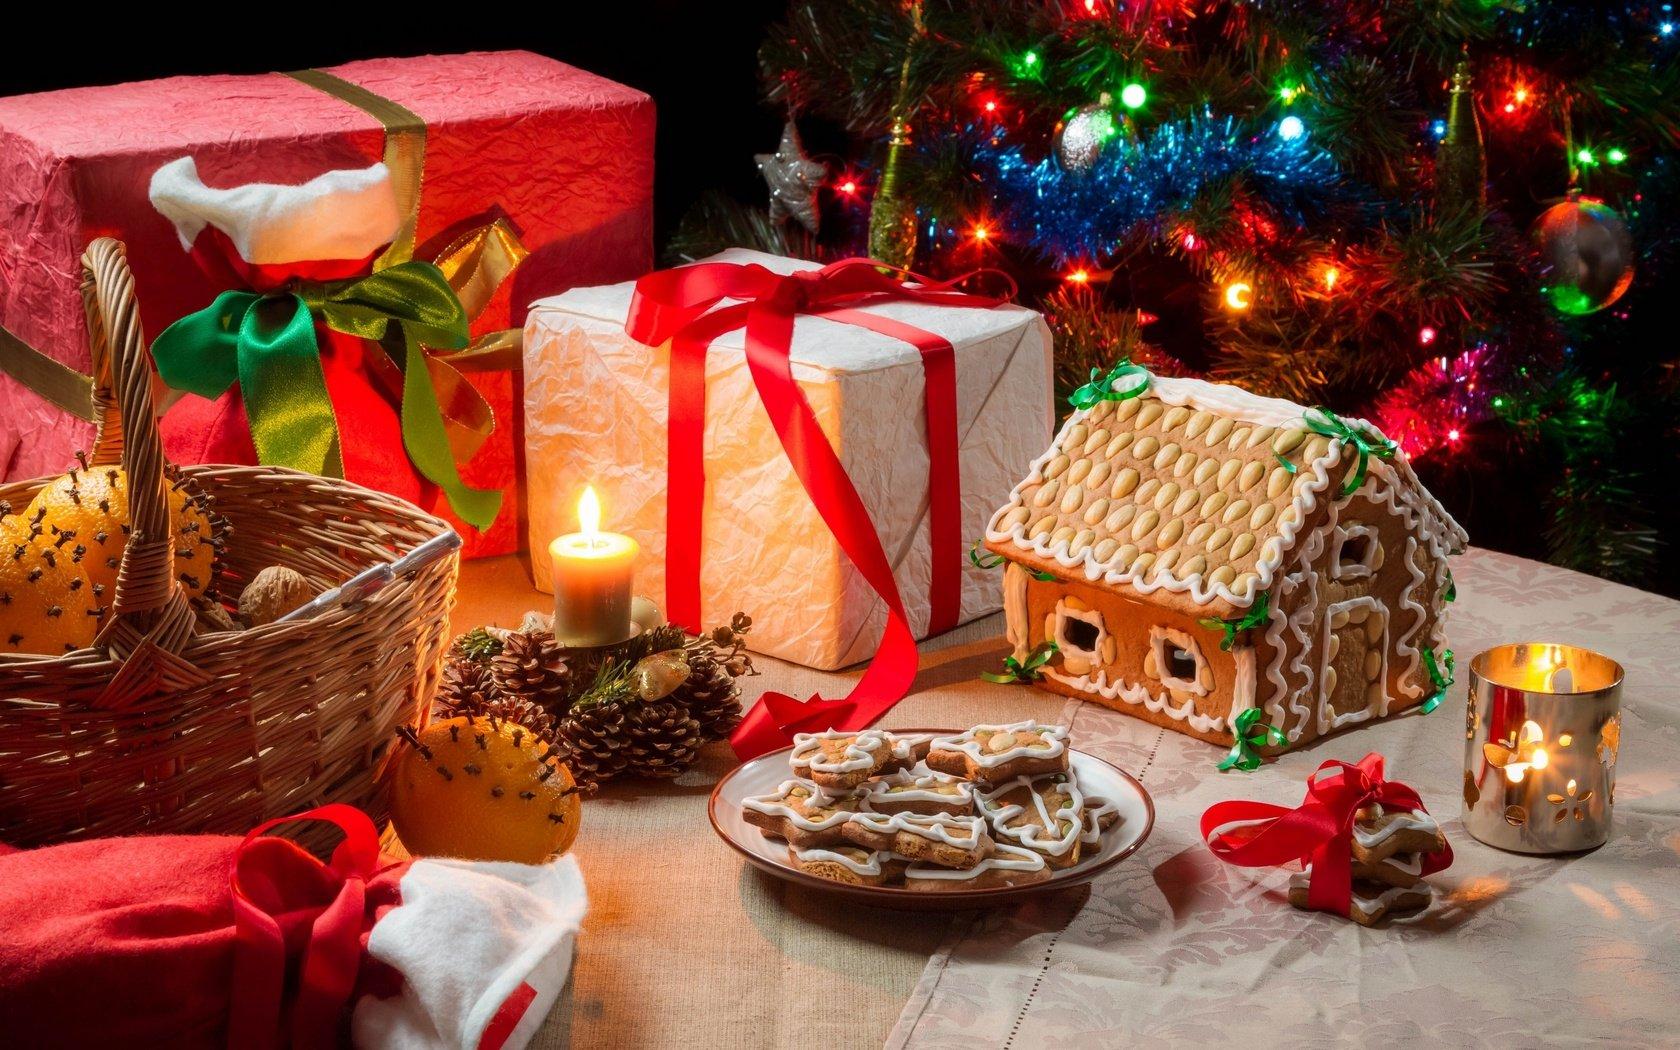 Намедиафасадах вцентре столицы запустят рождественские пожелания